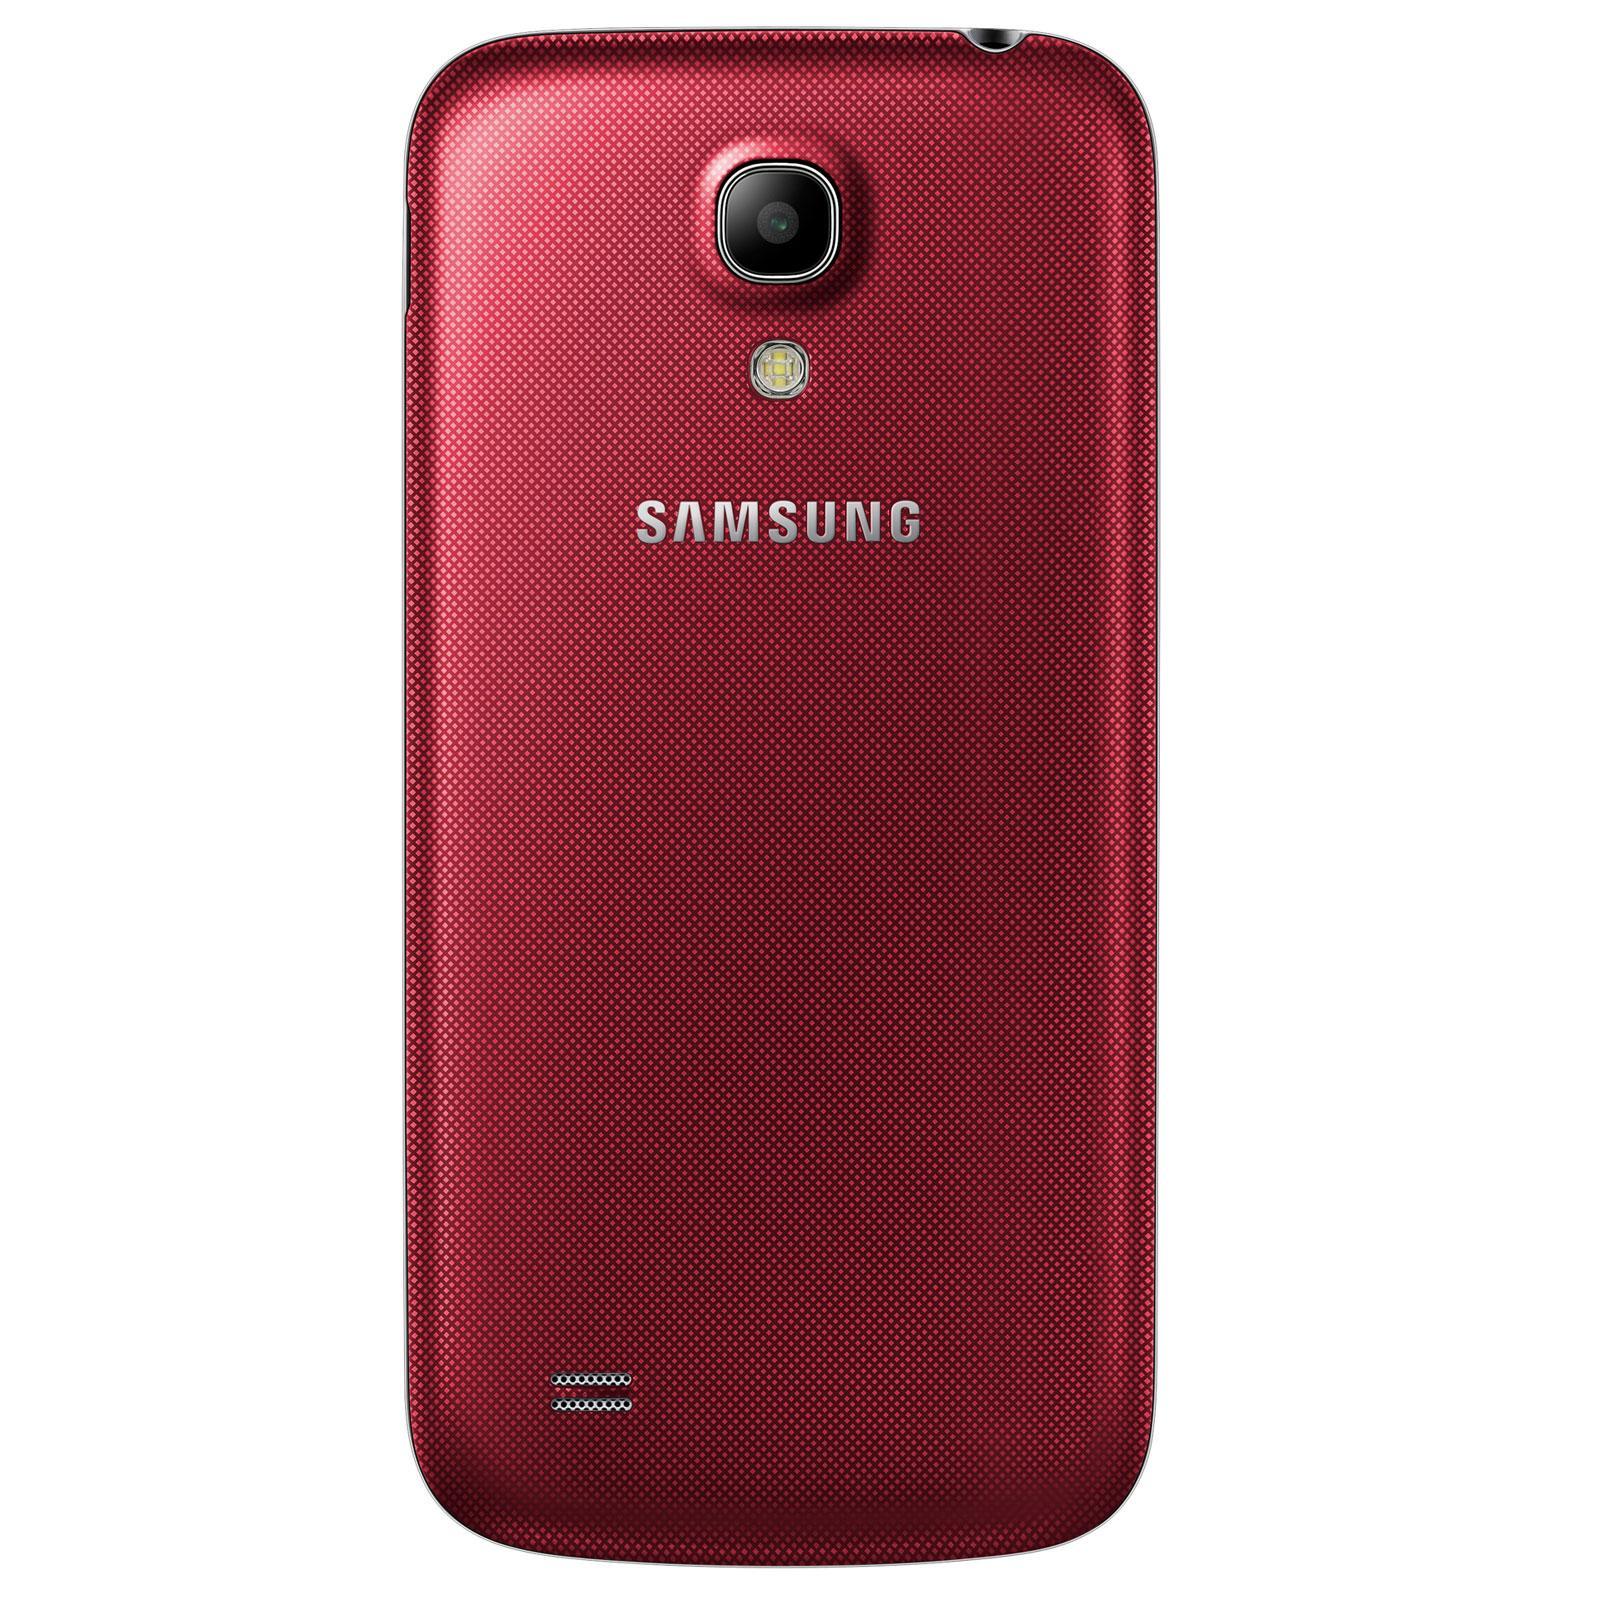 Samsung Galaxy S4 mini 8 Go - Rouge - Débloqué